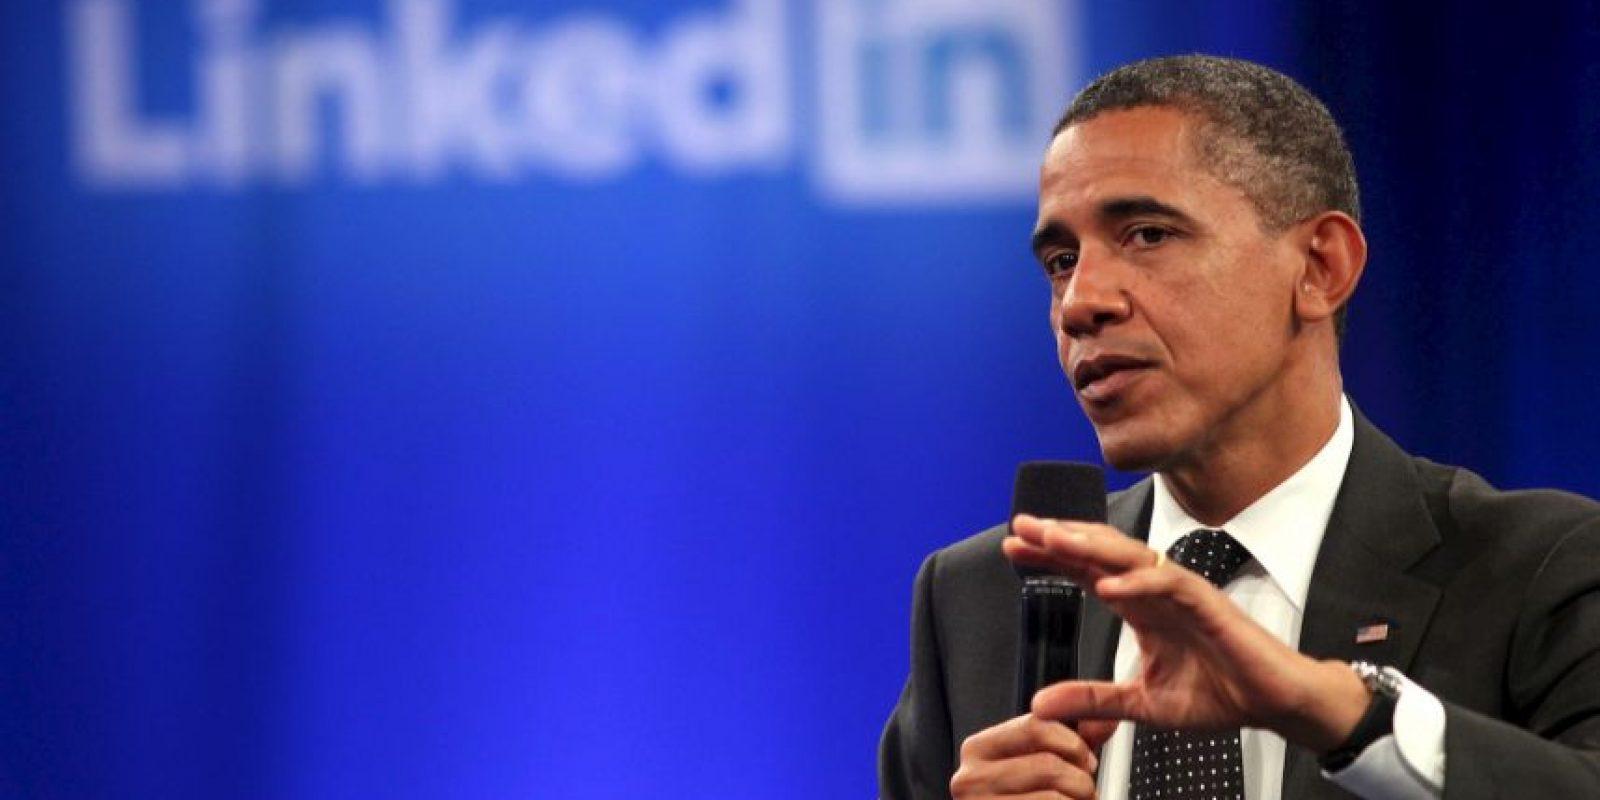 El presidente de los Estados Unidos de América Barack Obama tiene cuenta en la red social. Foto:Getty Images